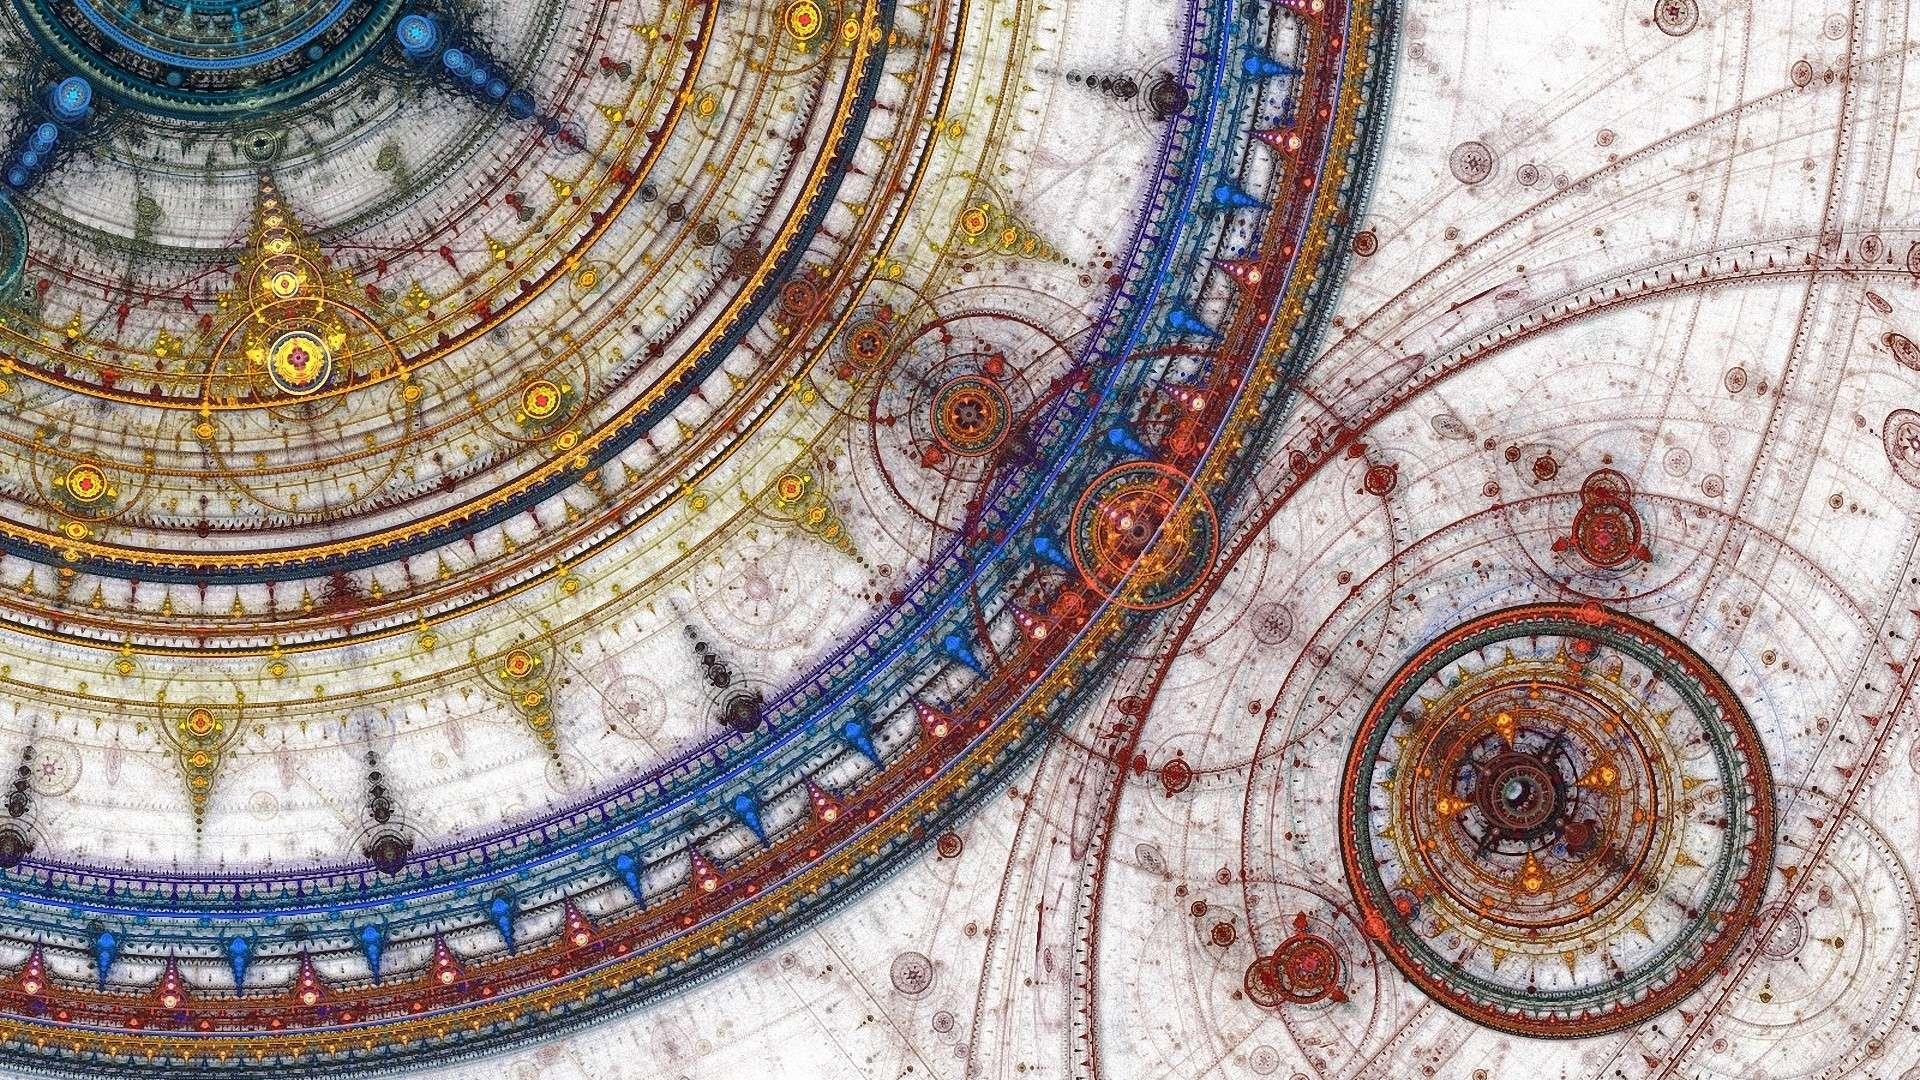 Fractal Wallpaper 16   1920 X 1080 stmednet 1920x1080